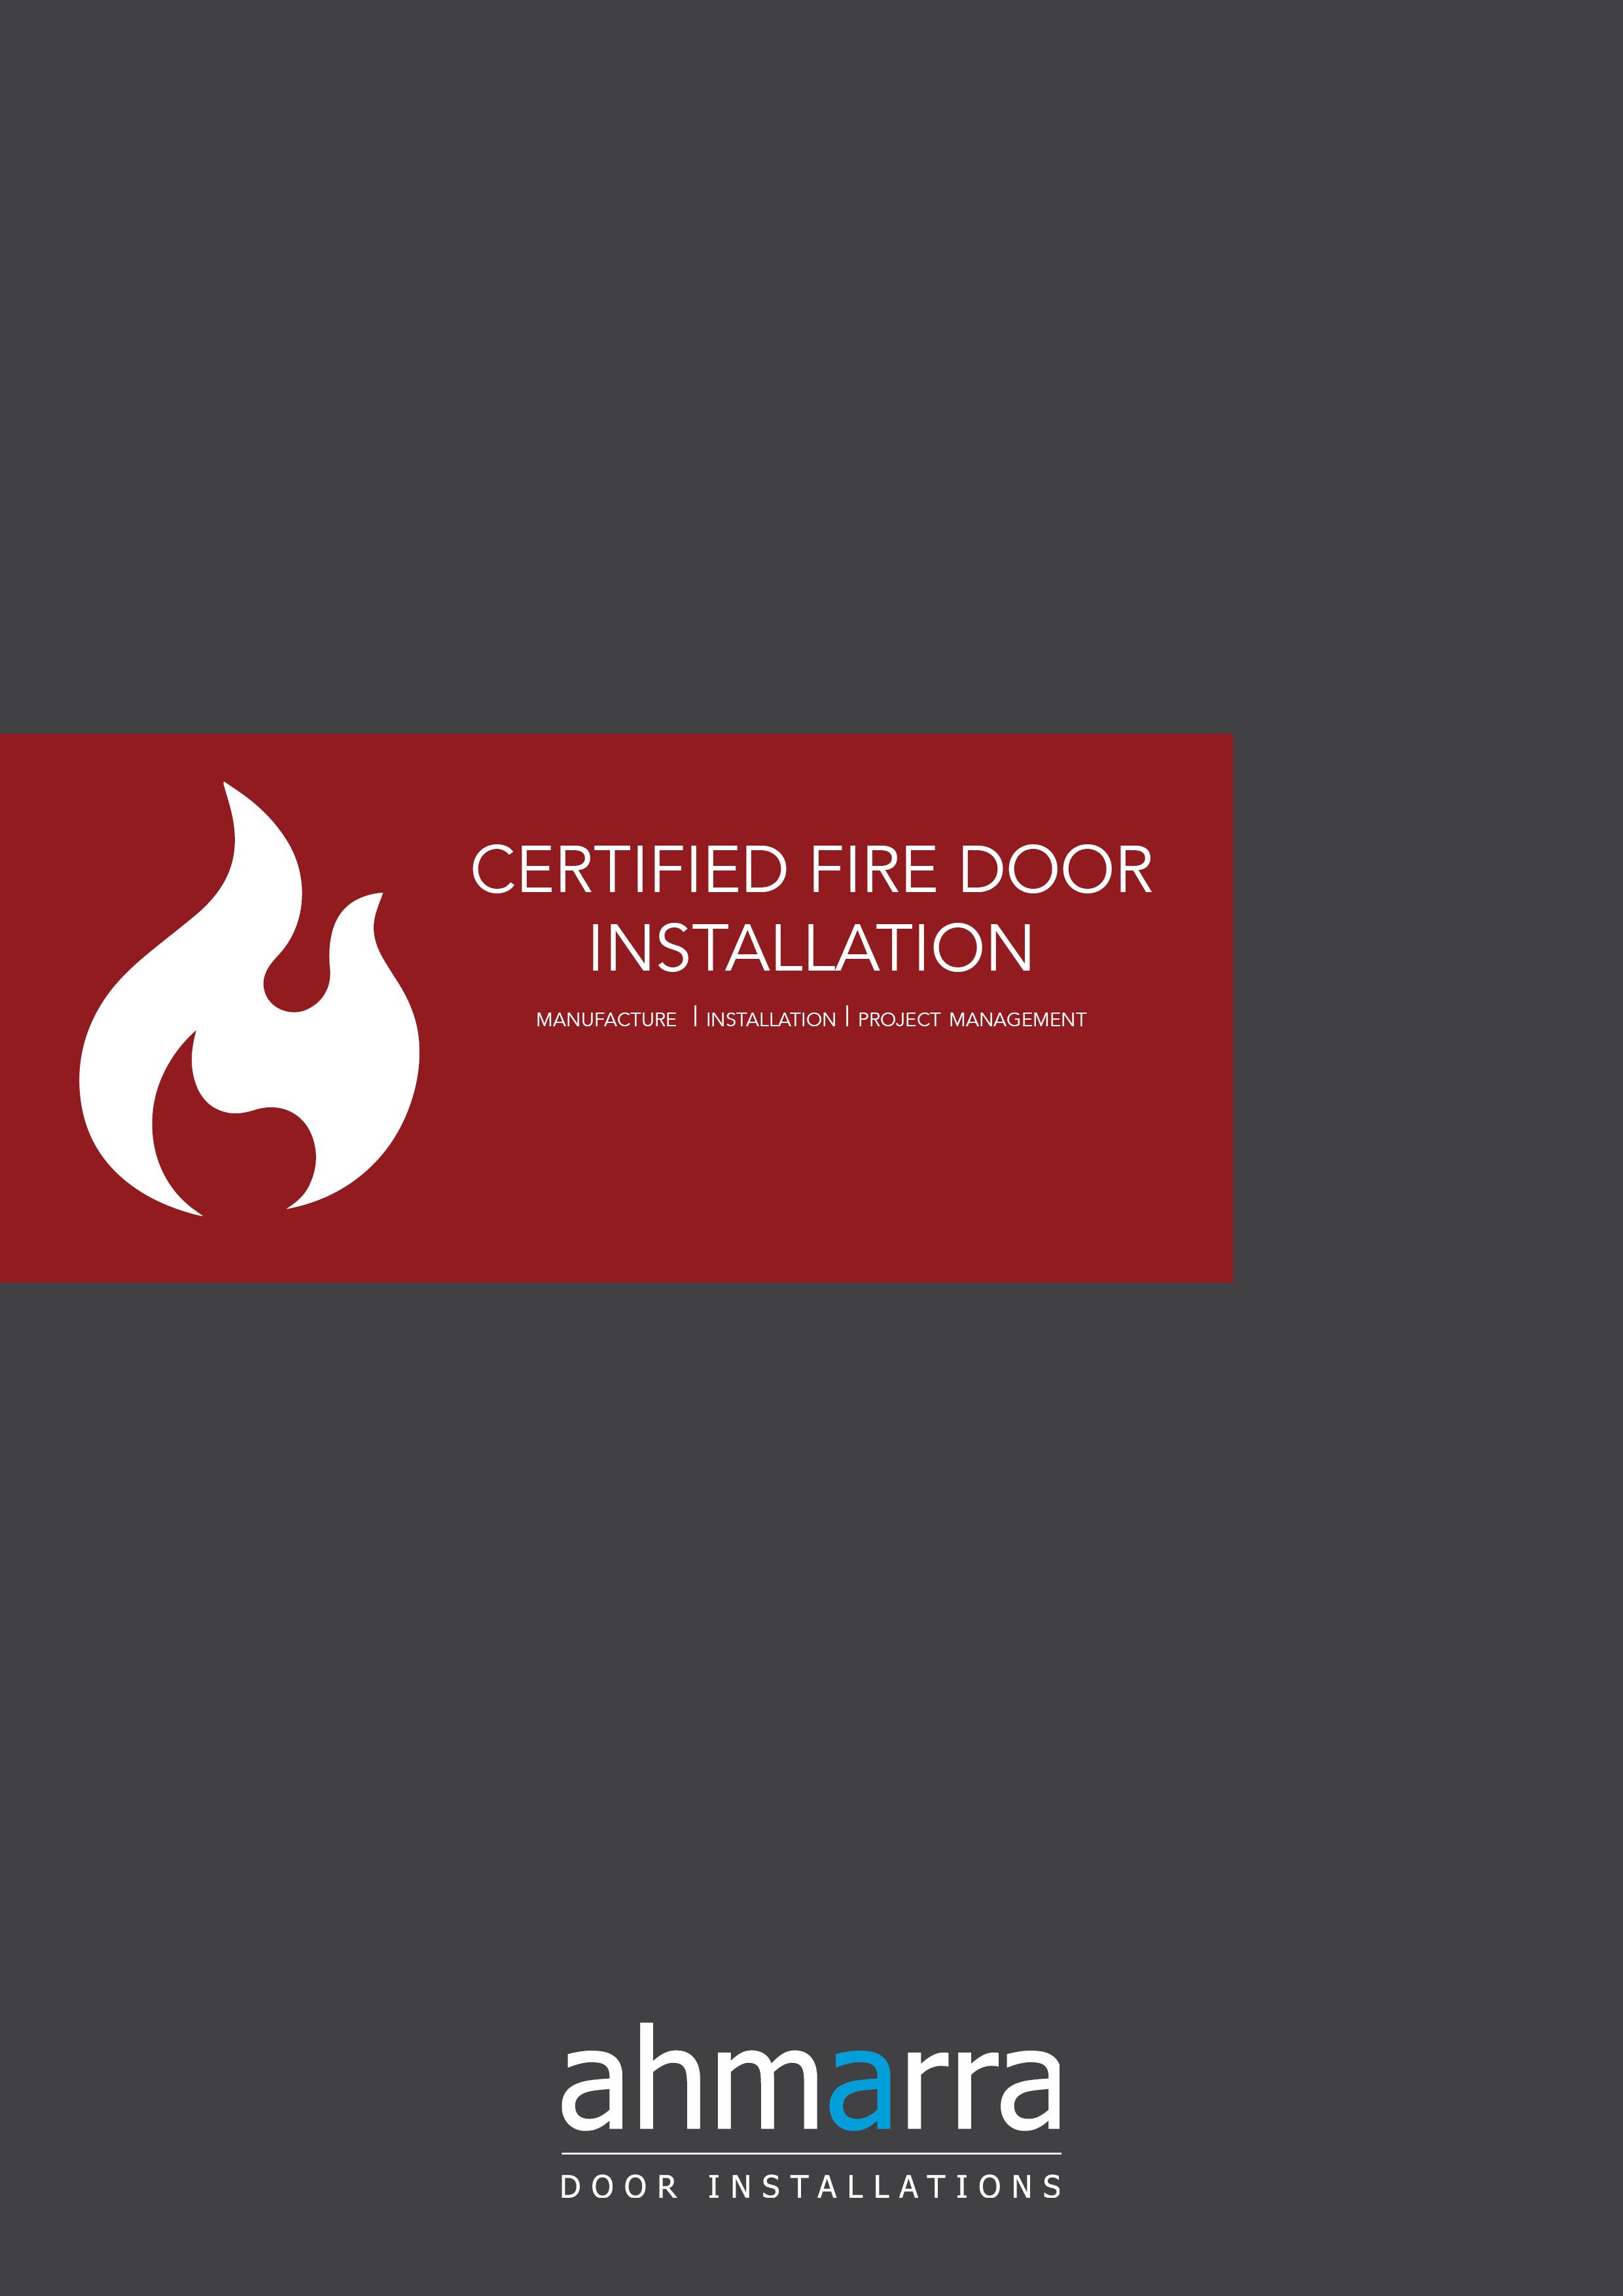 Certified Fire Door Installation Brochure | Ahmarra Door Installations